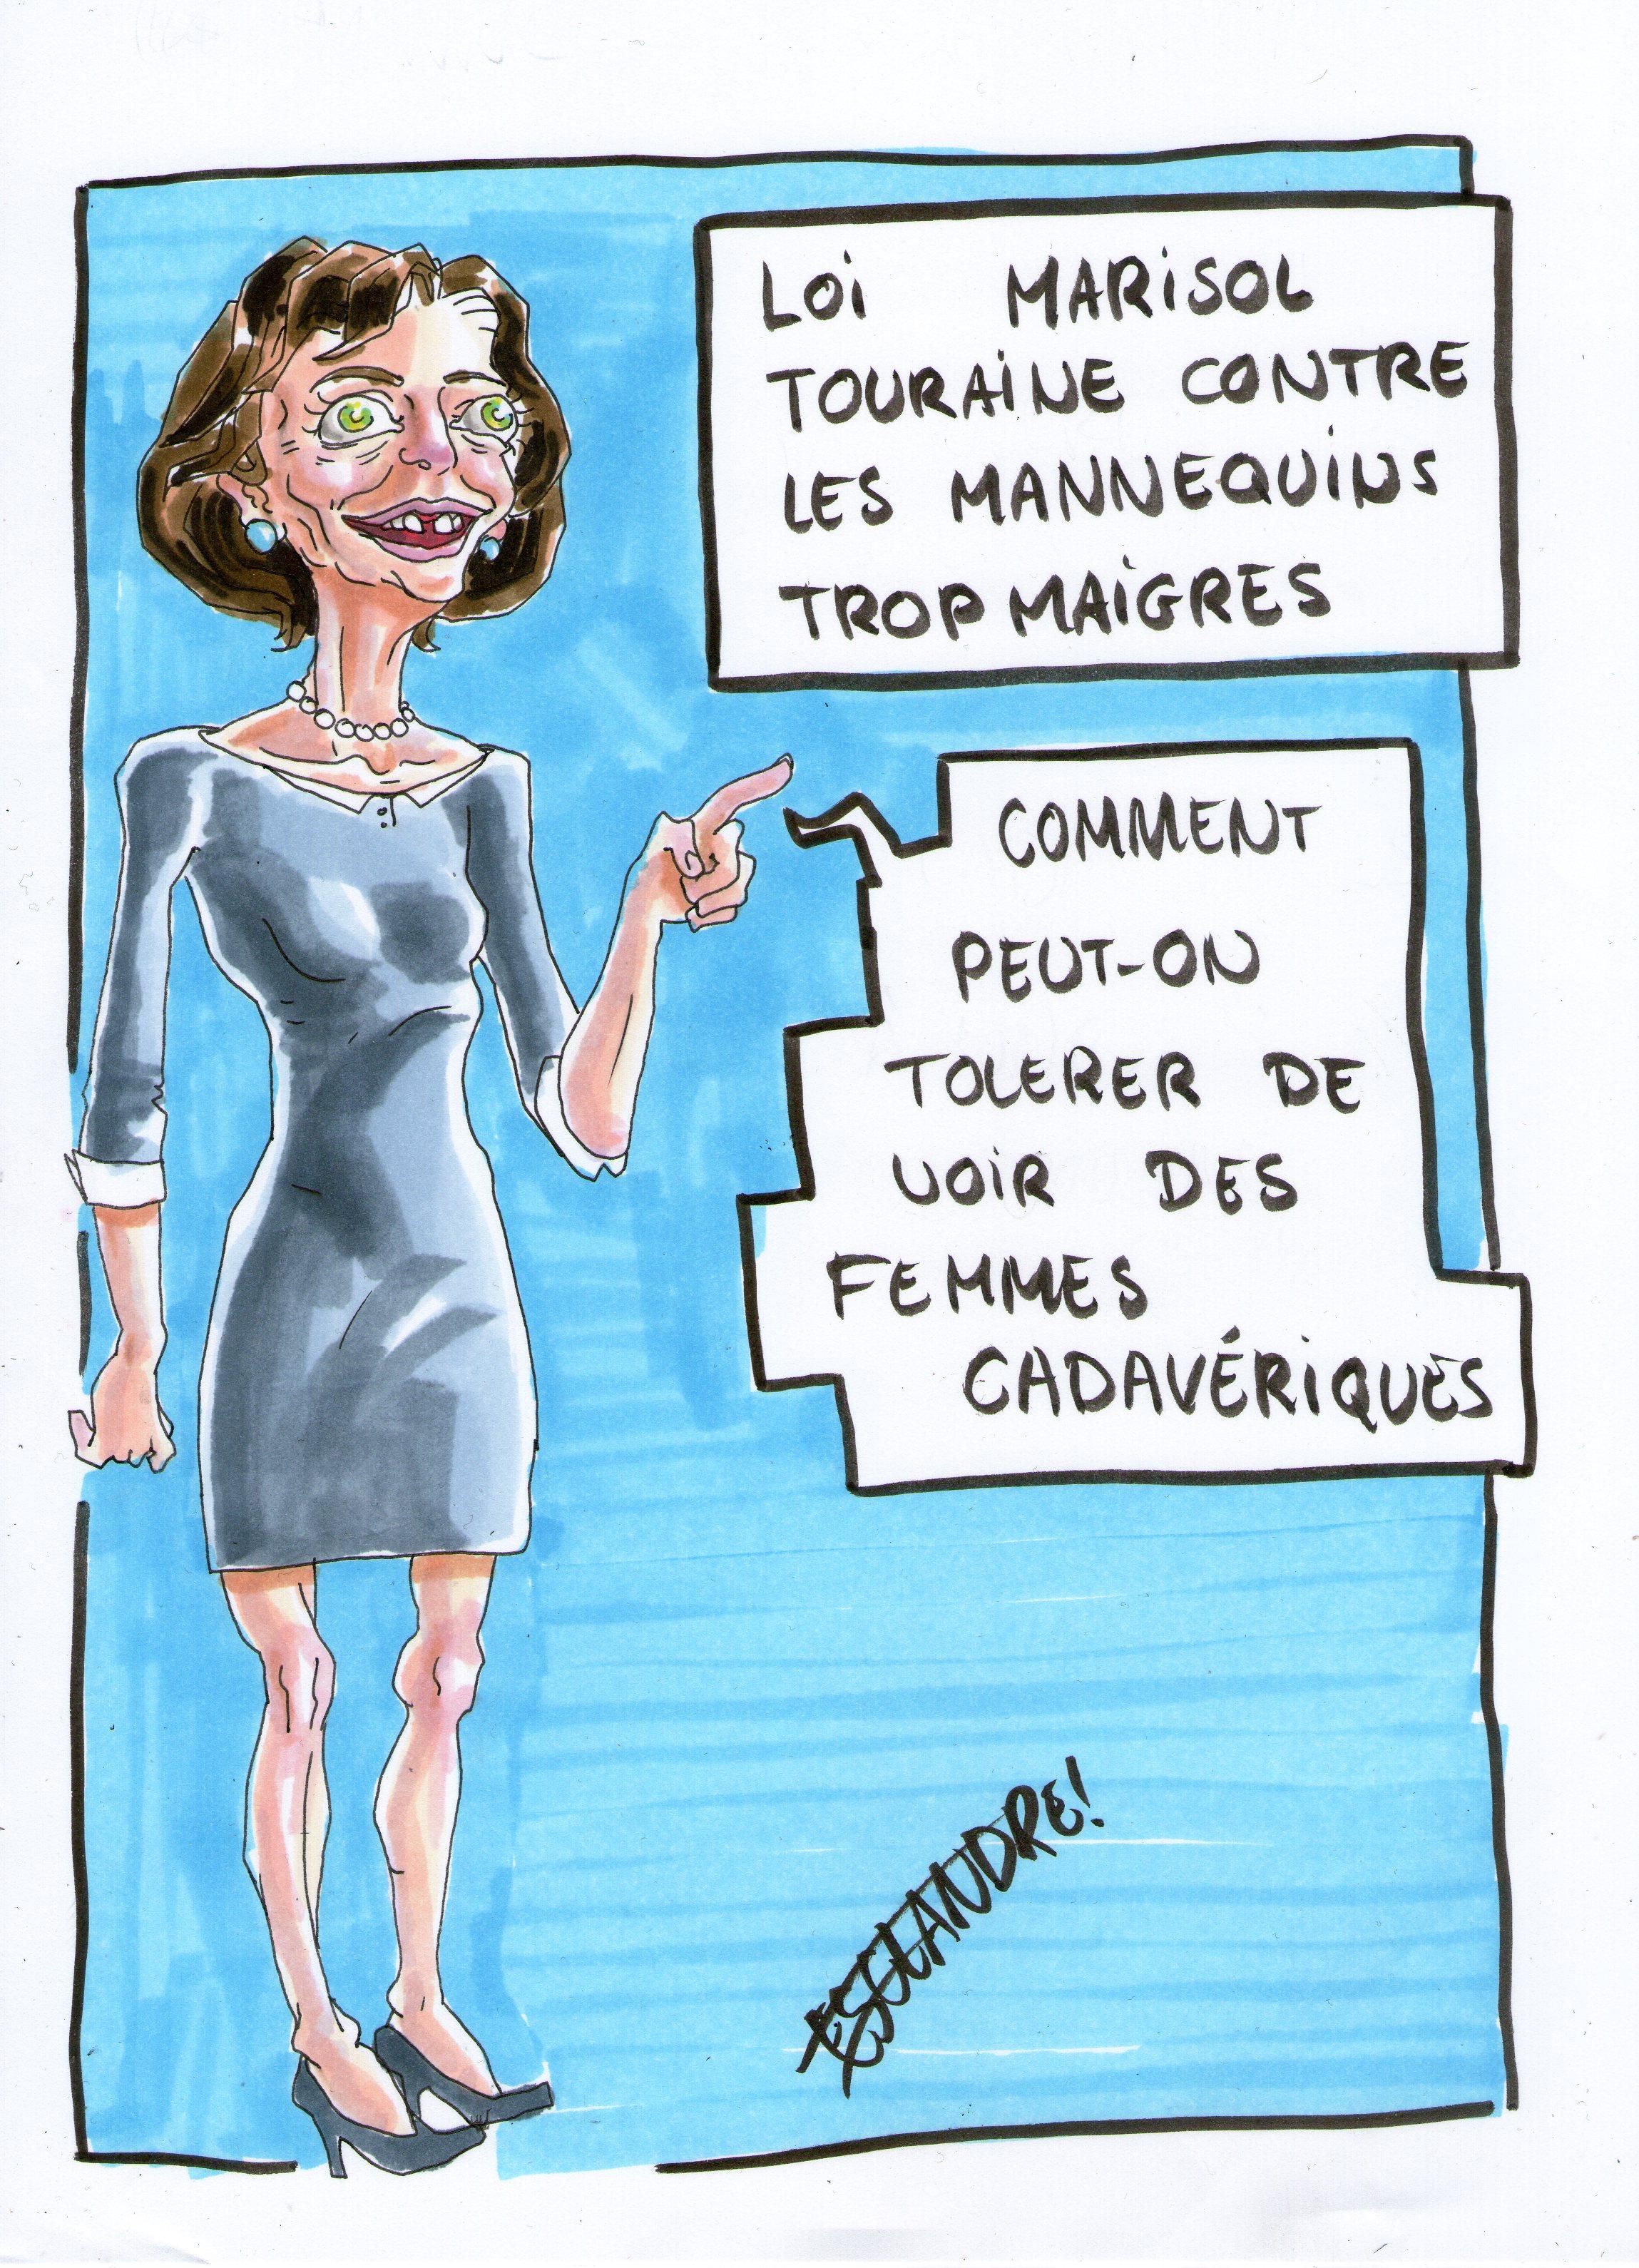 Loi Marisol Touraine : une lutte contre les mannequins trop maigres